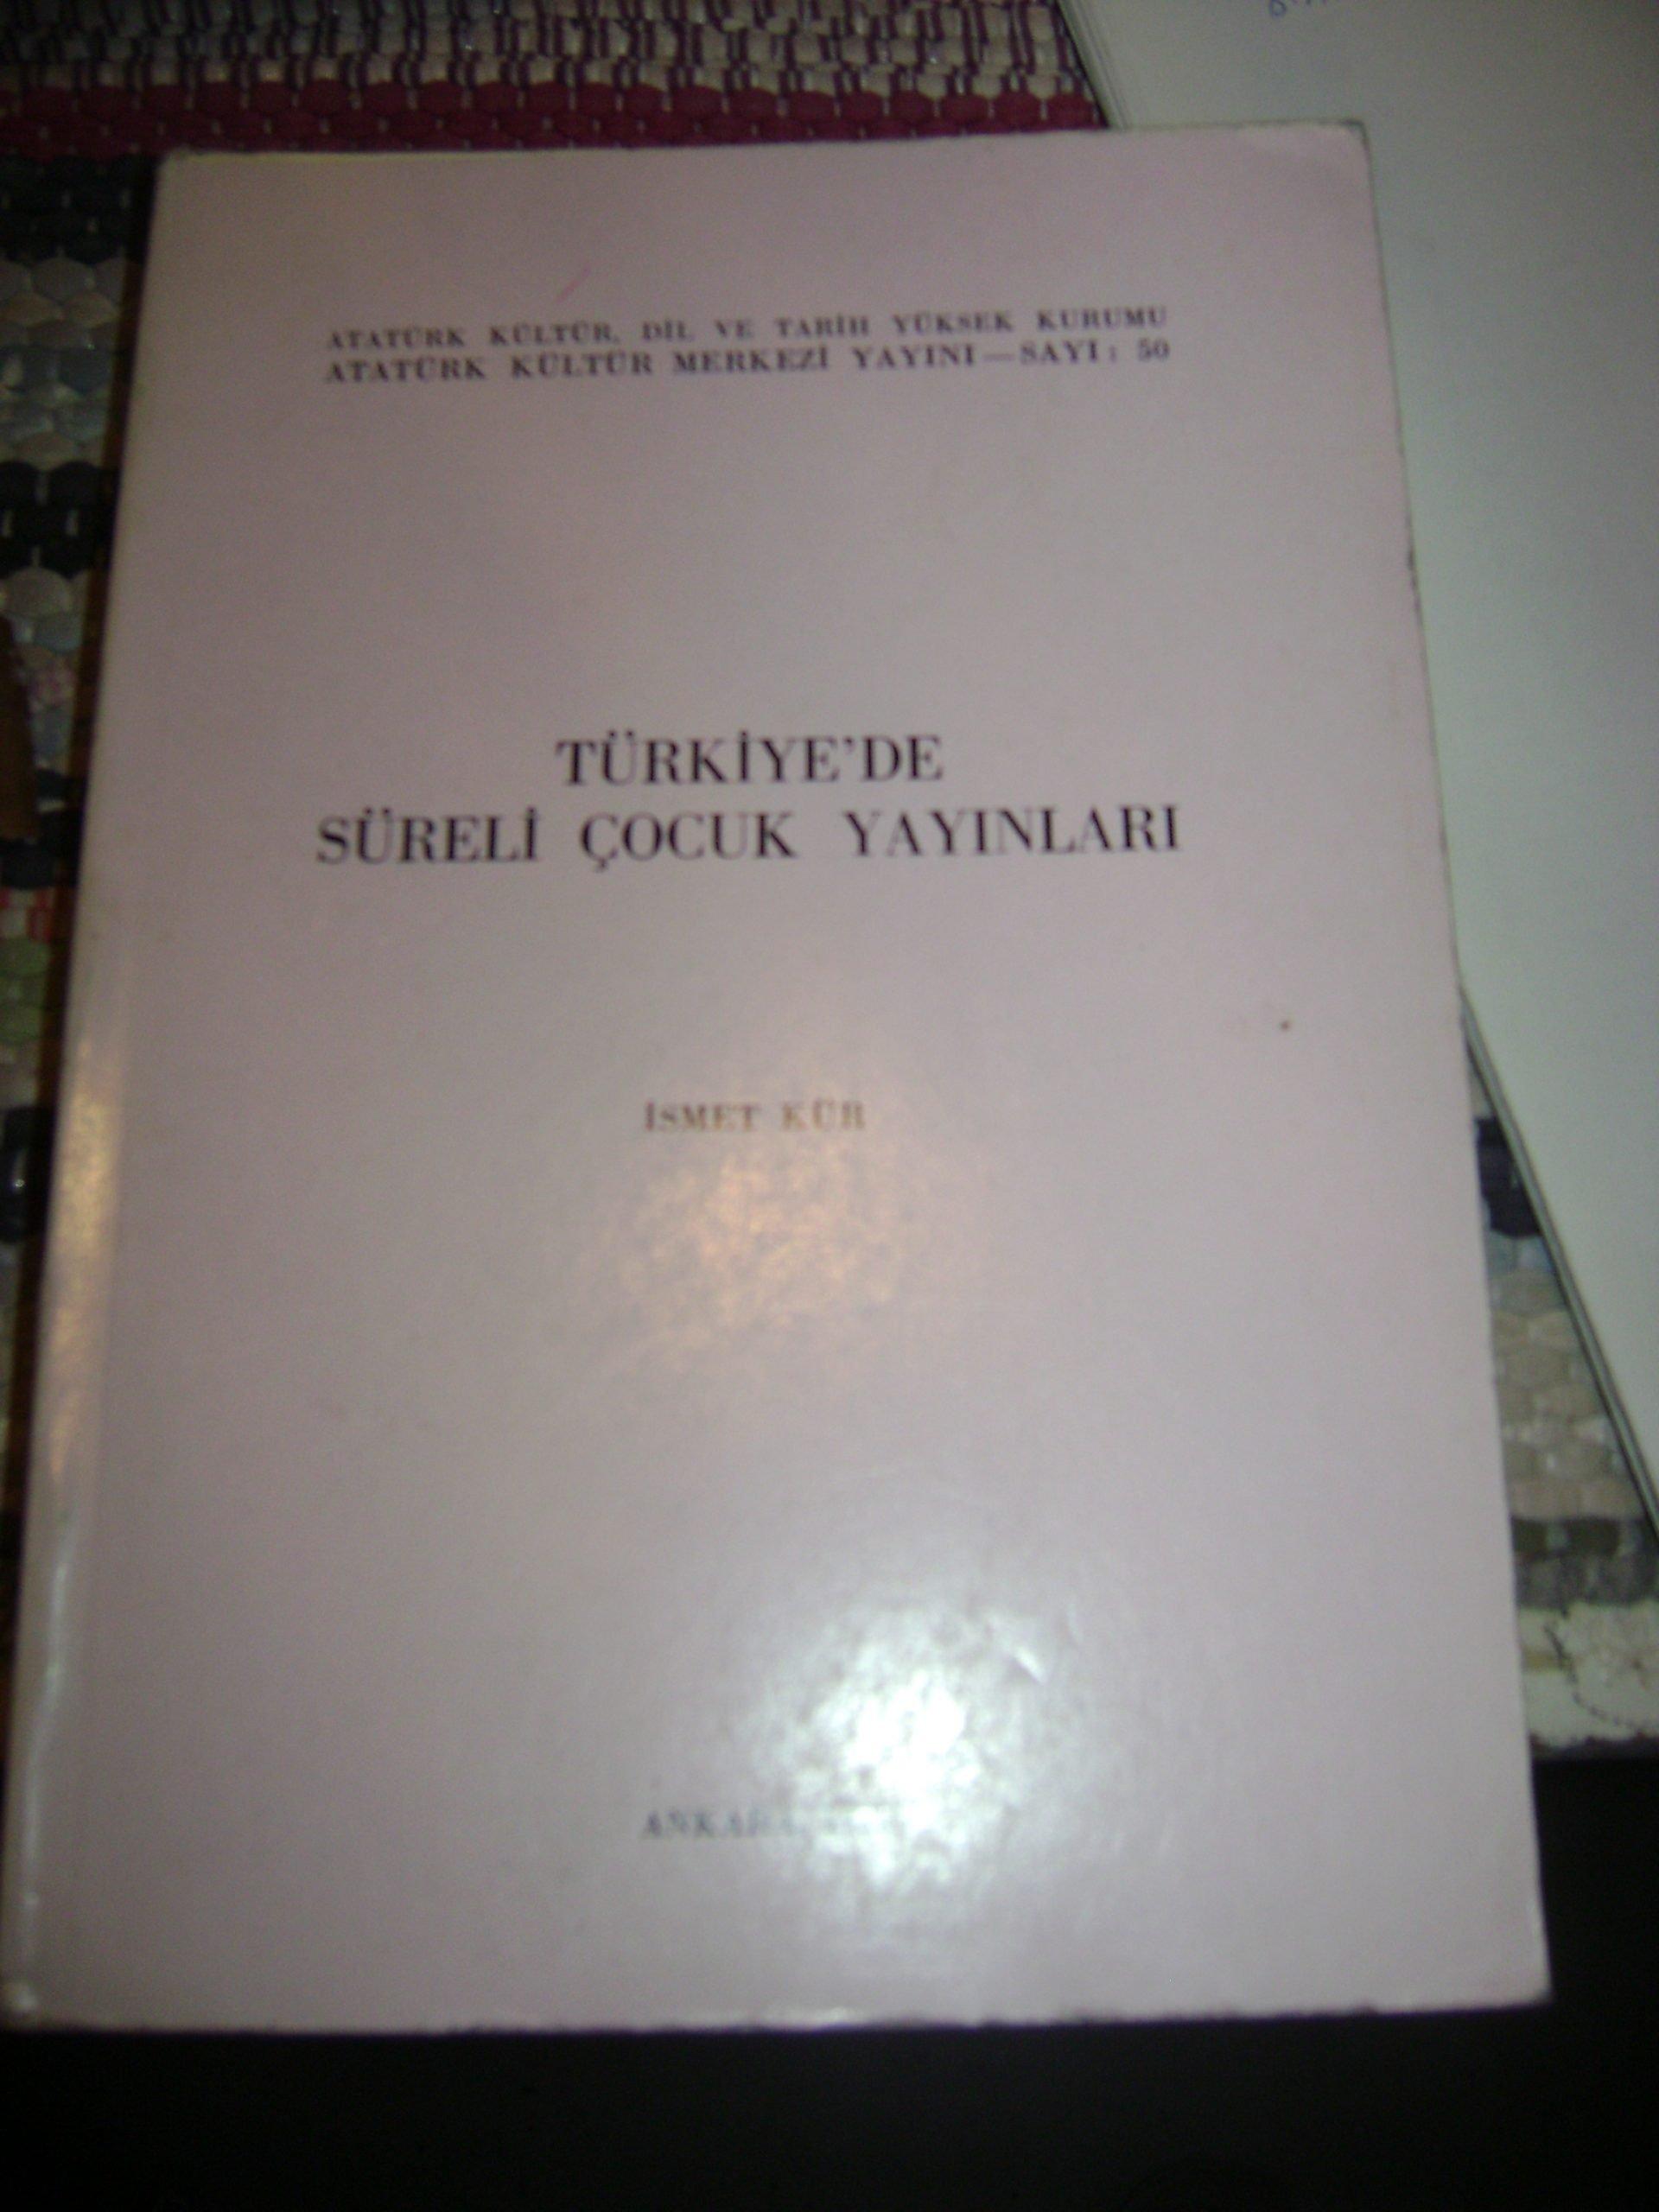 TÜRKİYE'DE SÜRELİ ÇOCUK YAYINLARI/İsmet Kür/25 tl